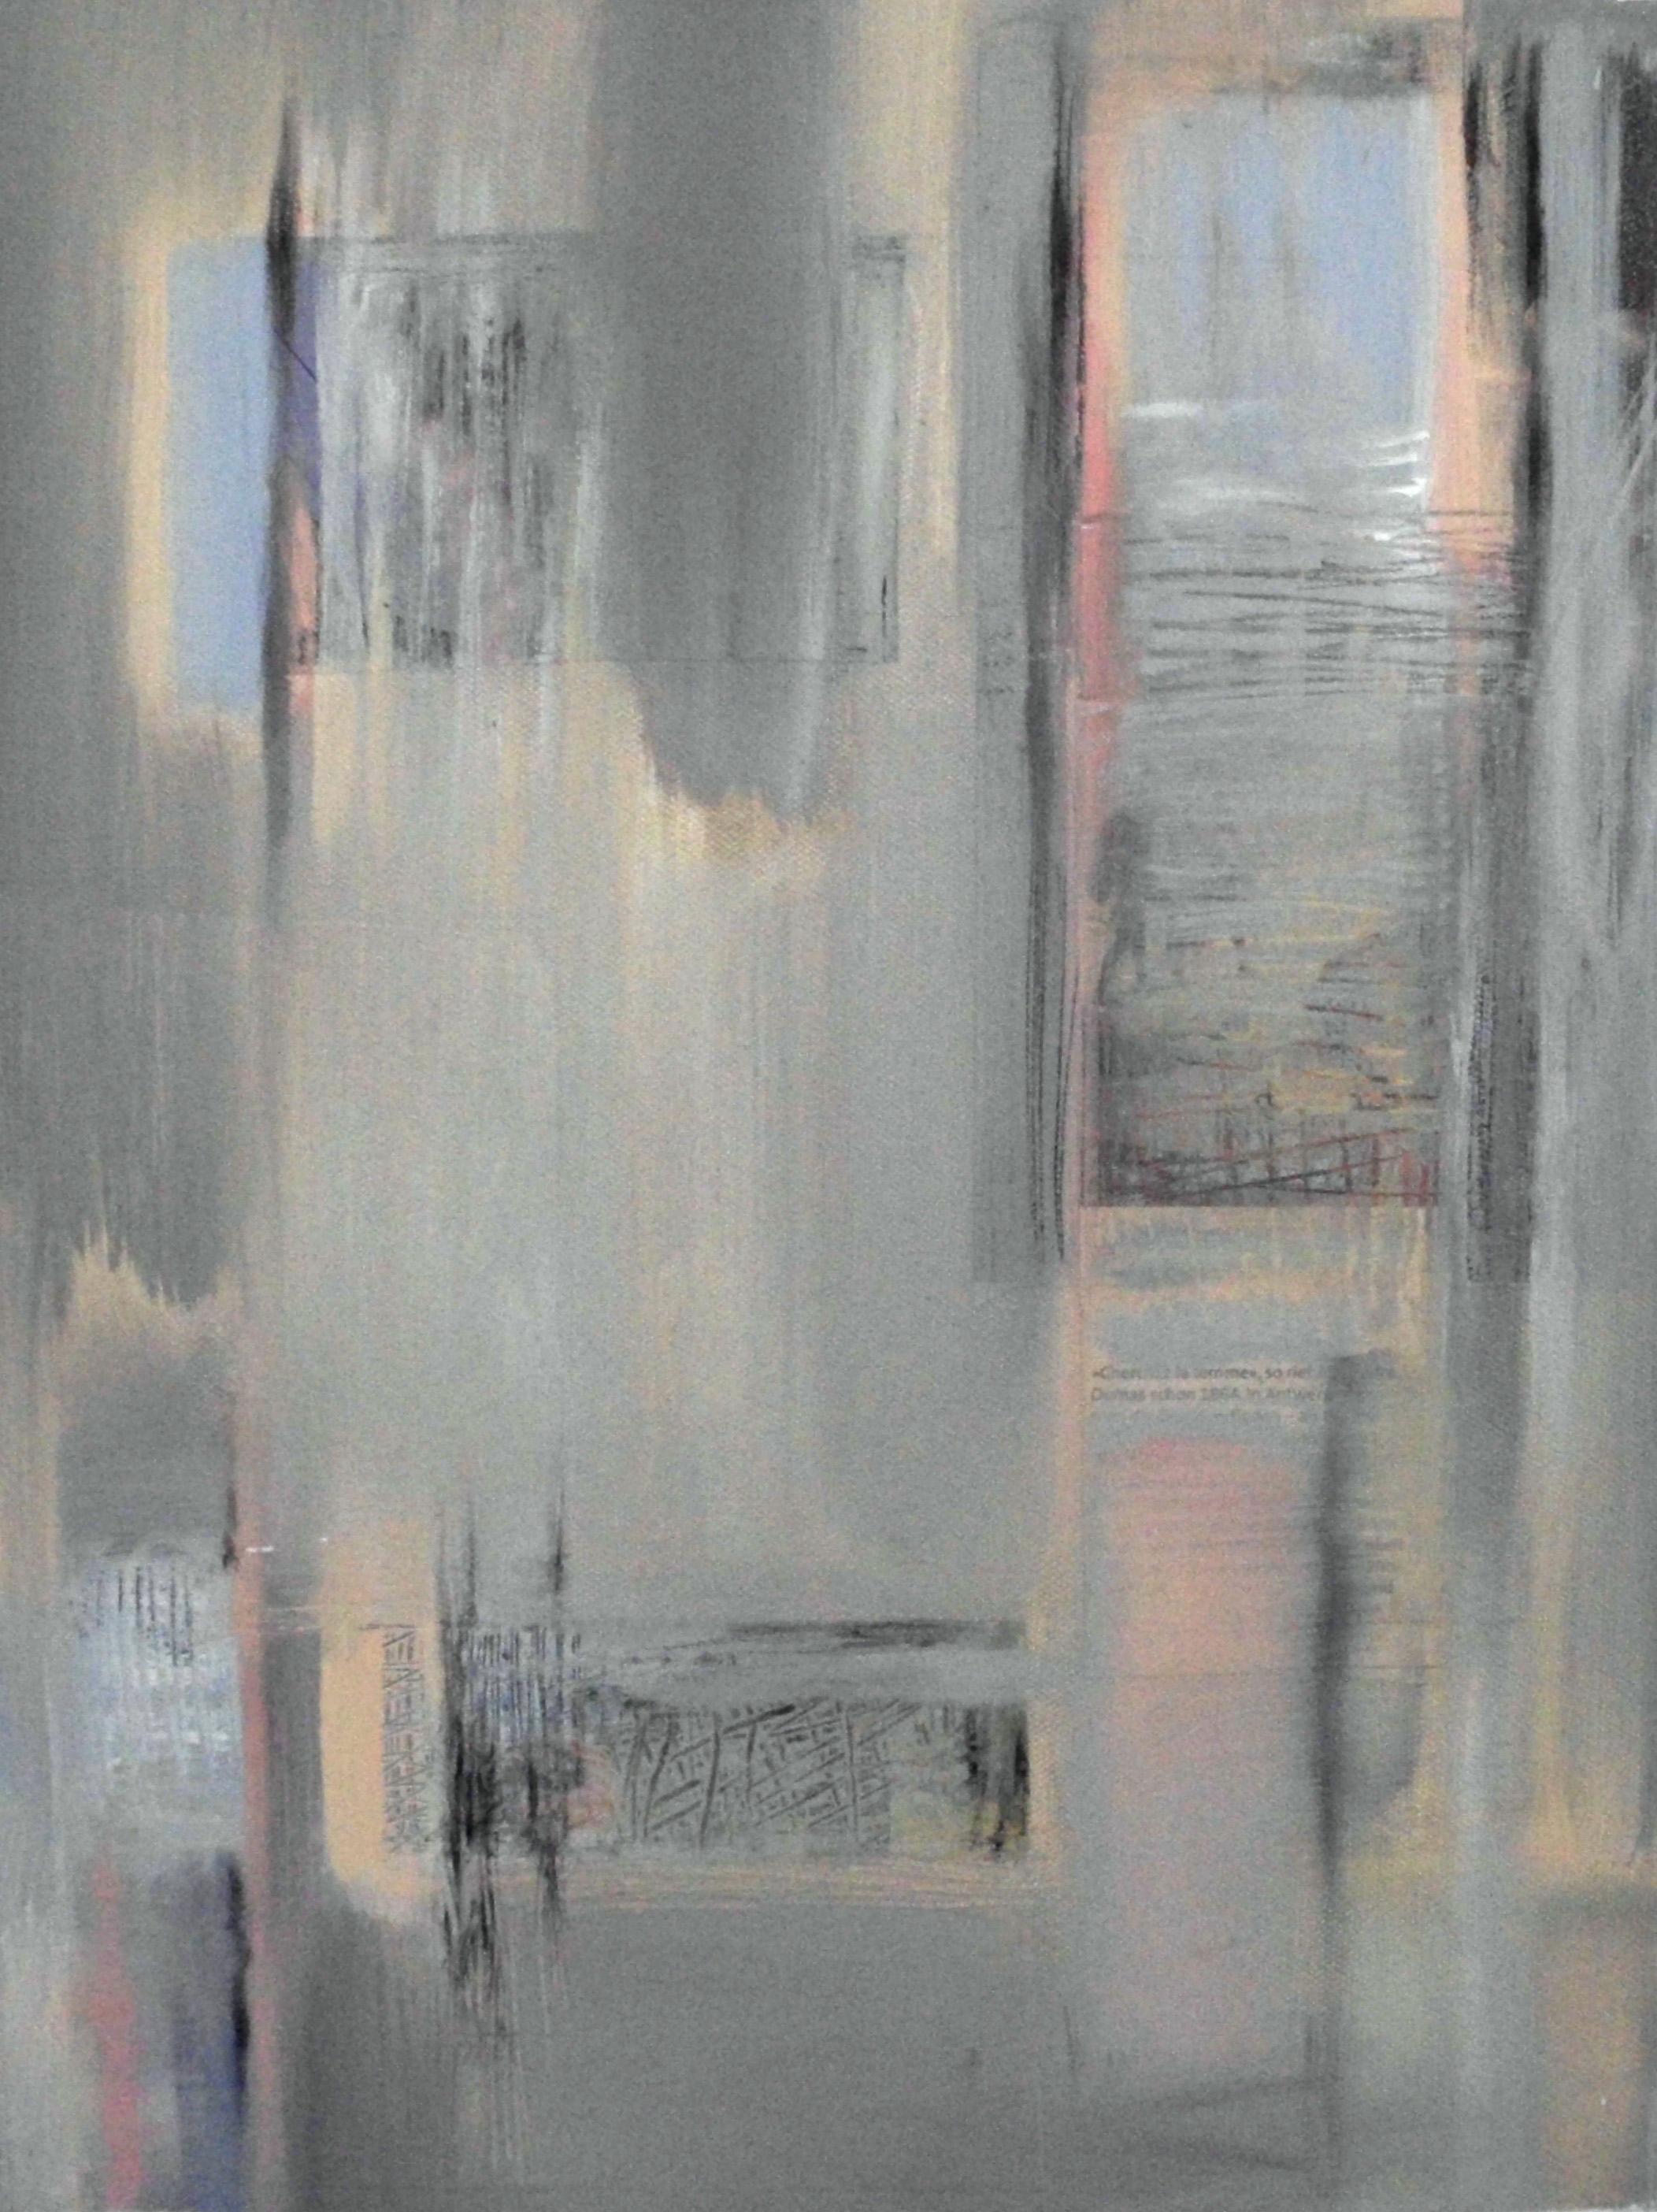 03-steffi_deparade-becker-o.t.-2006-oel,_collage_auf_leinwand-40x30